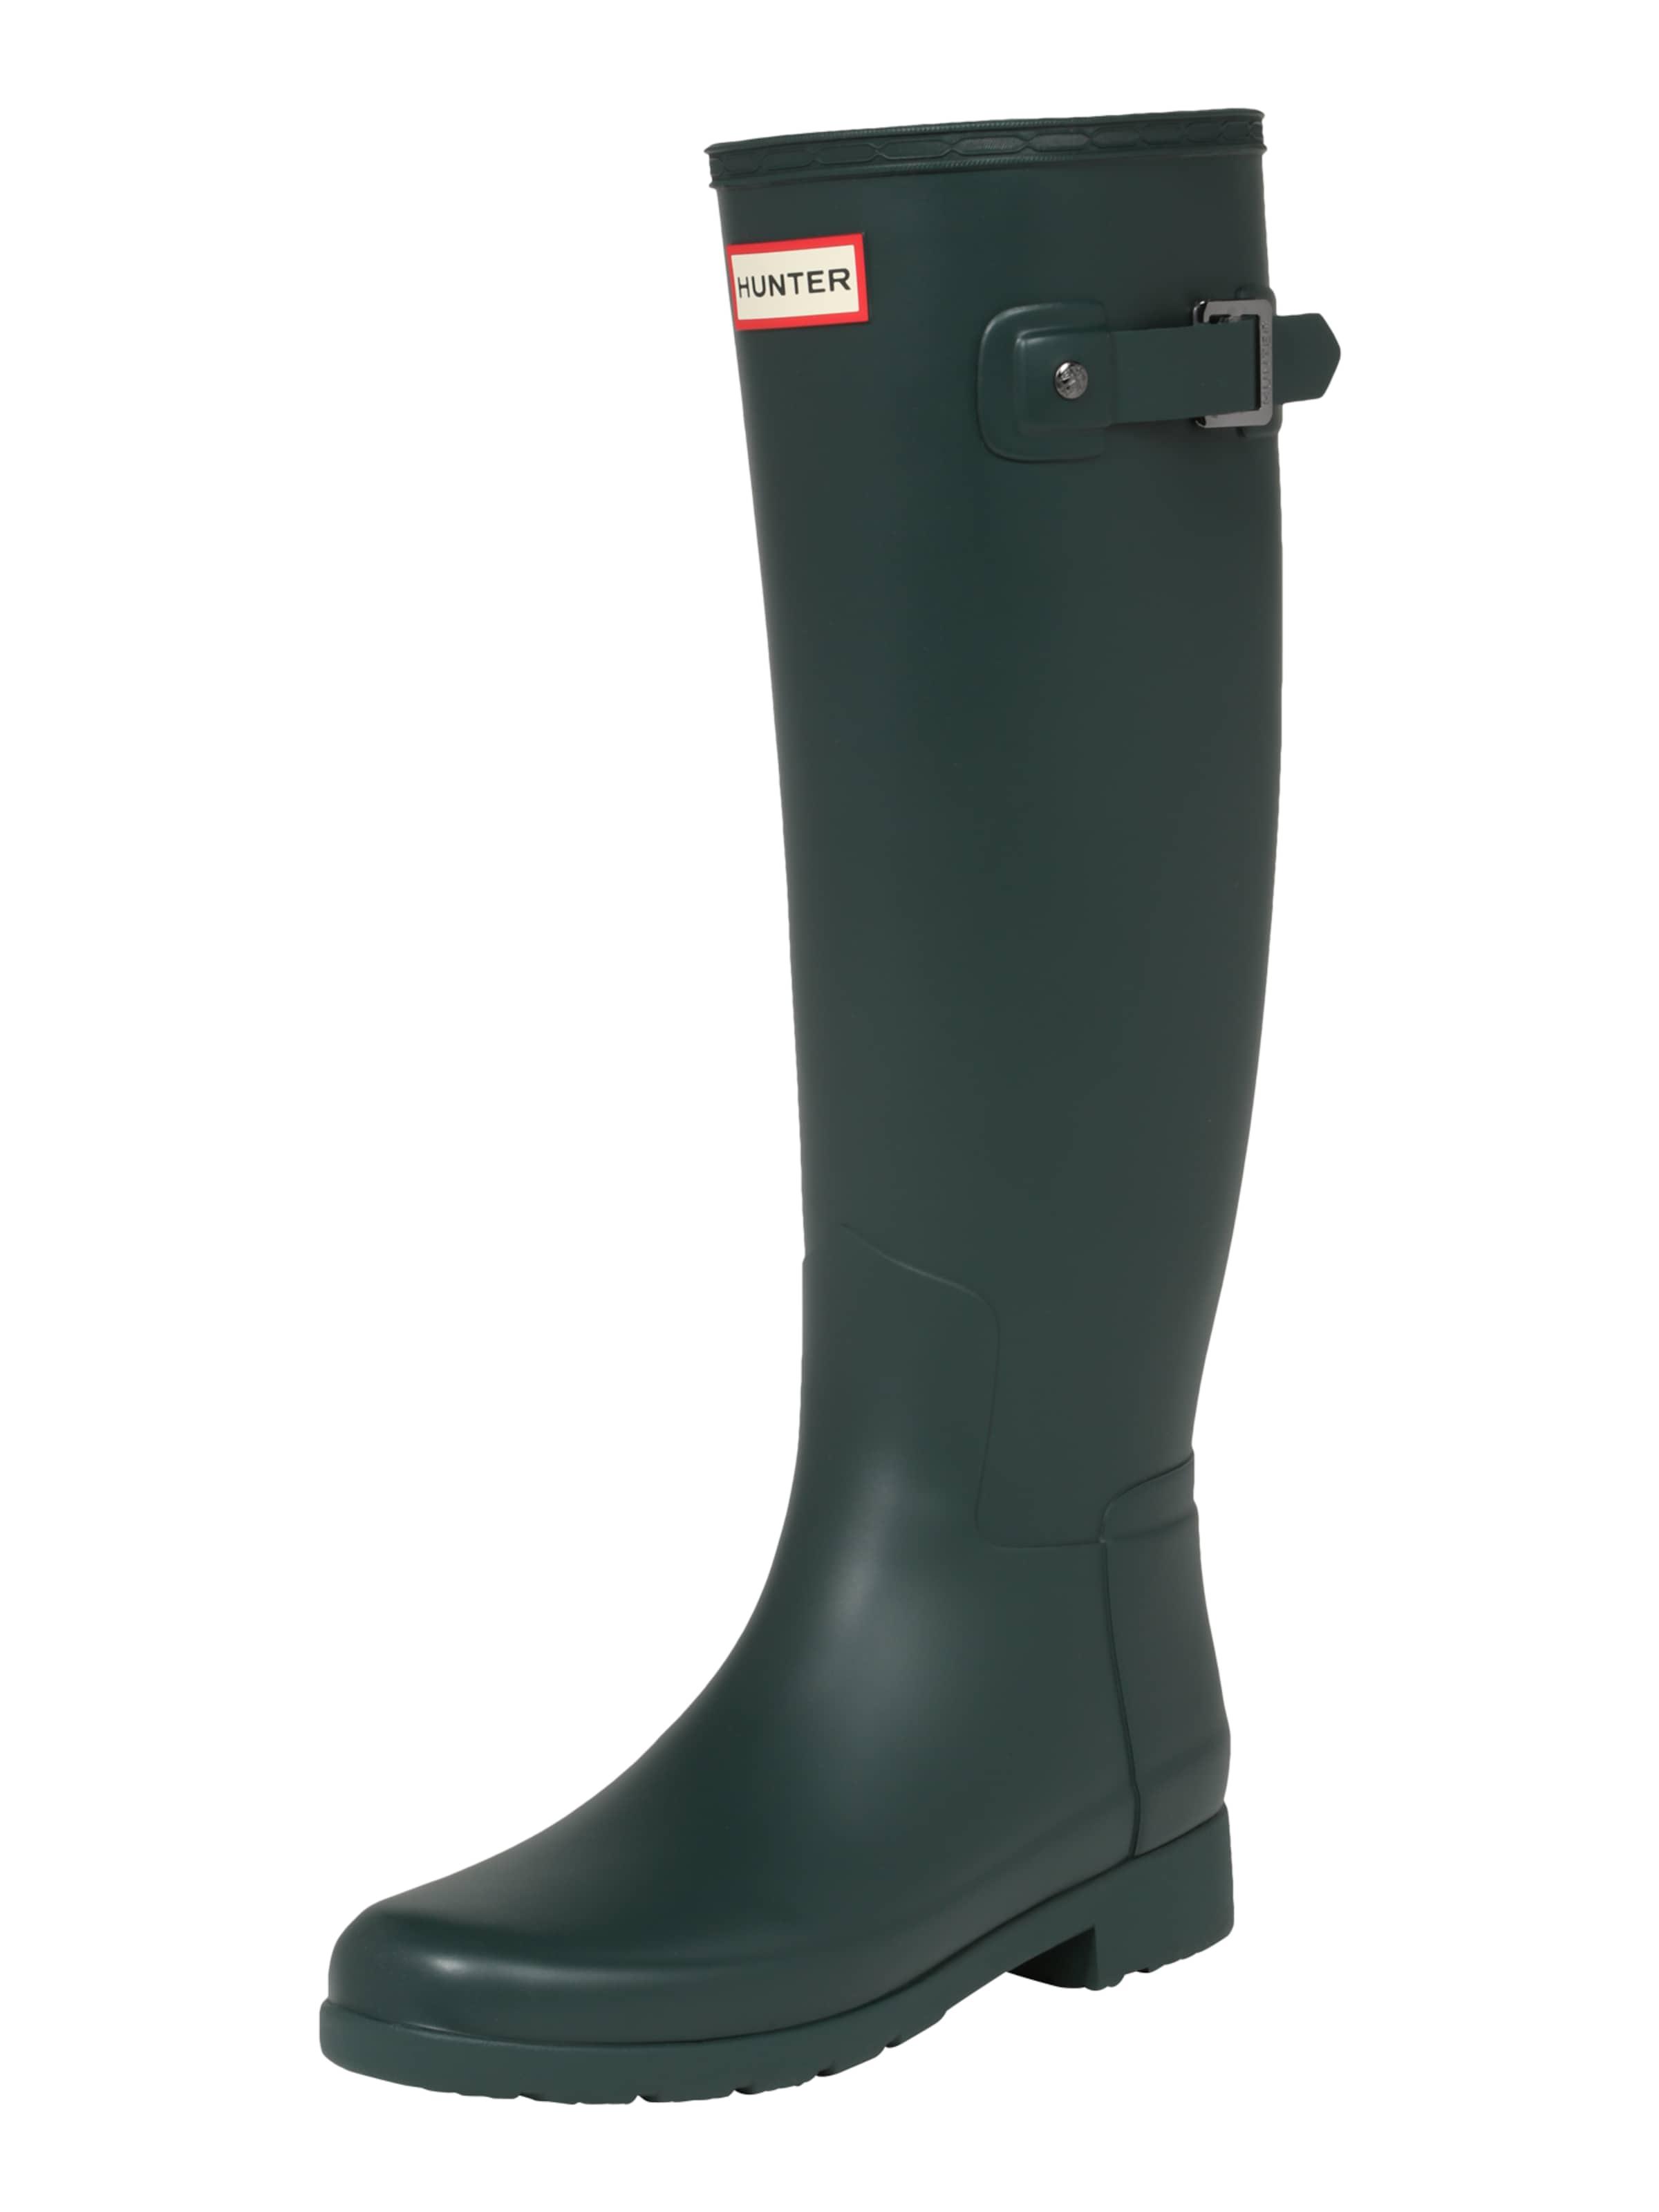 HUNTER Gummistiefel Schuhe Verschleißfeste billige Schuhe Gummistiefel Hohe Qualität e93dea